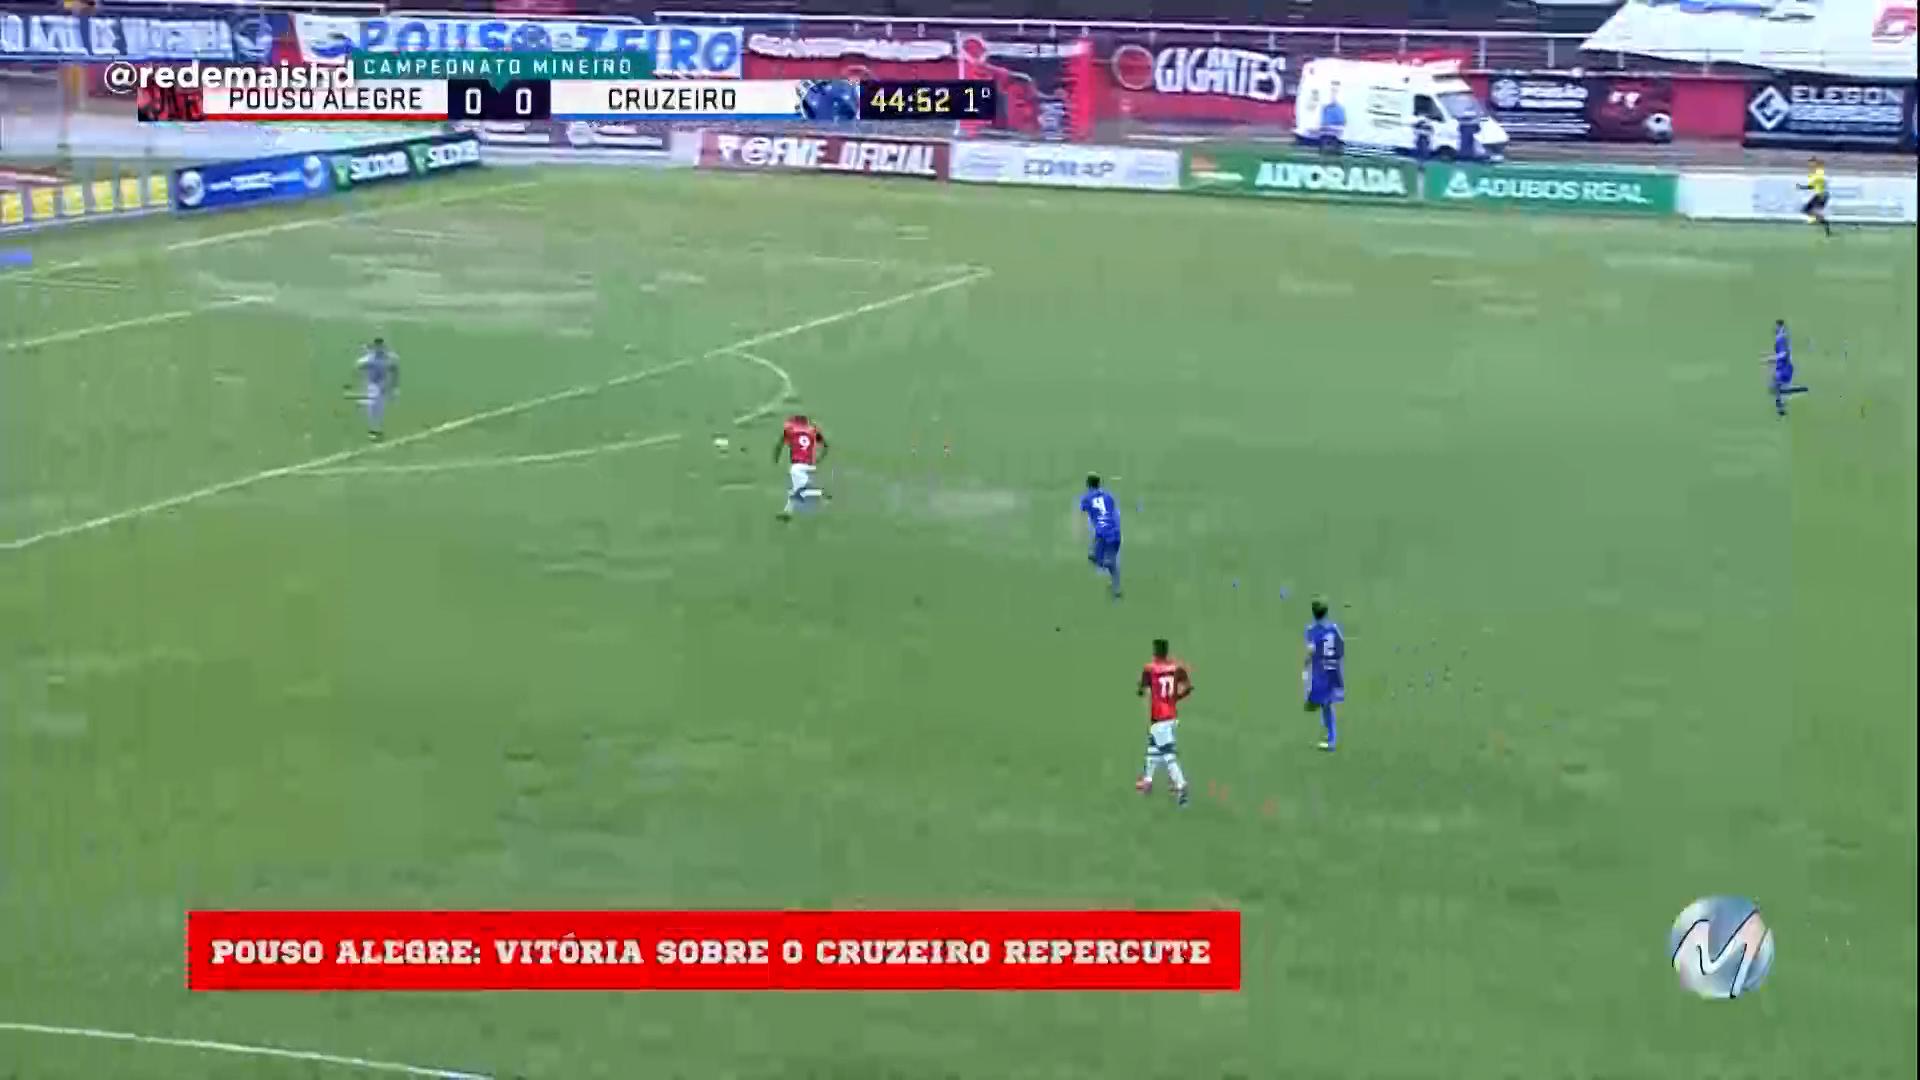 Notícias do VEC, do Pousão e da Libertadores